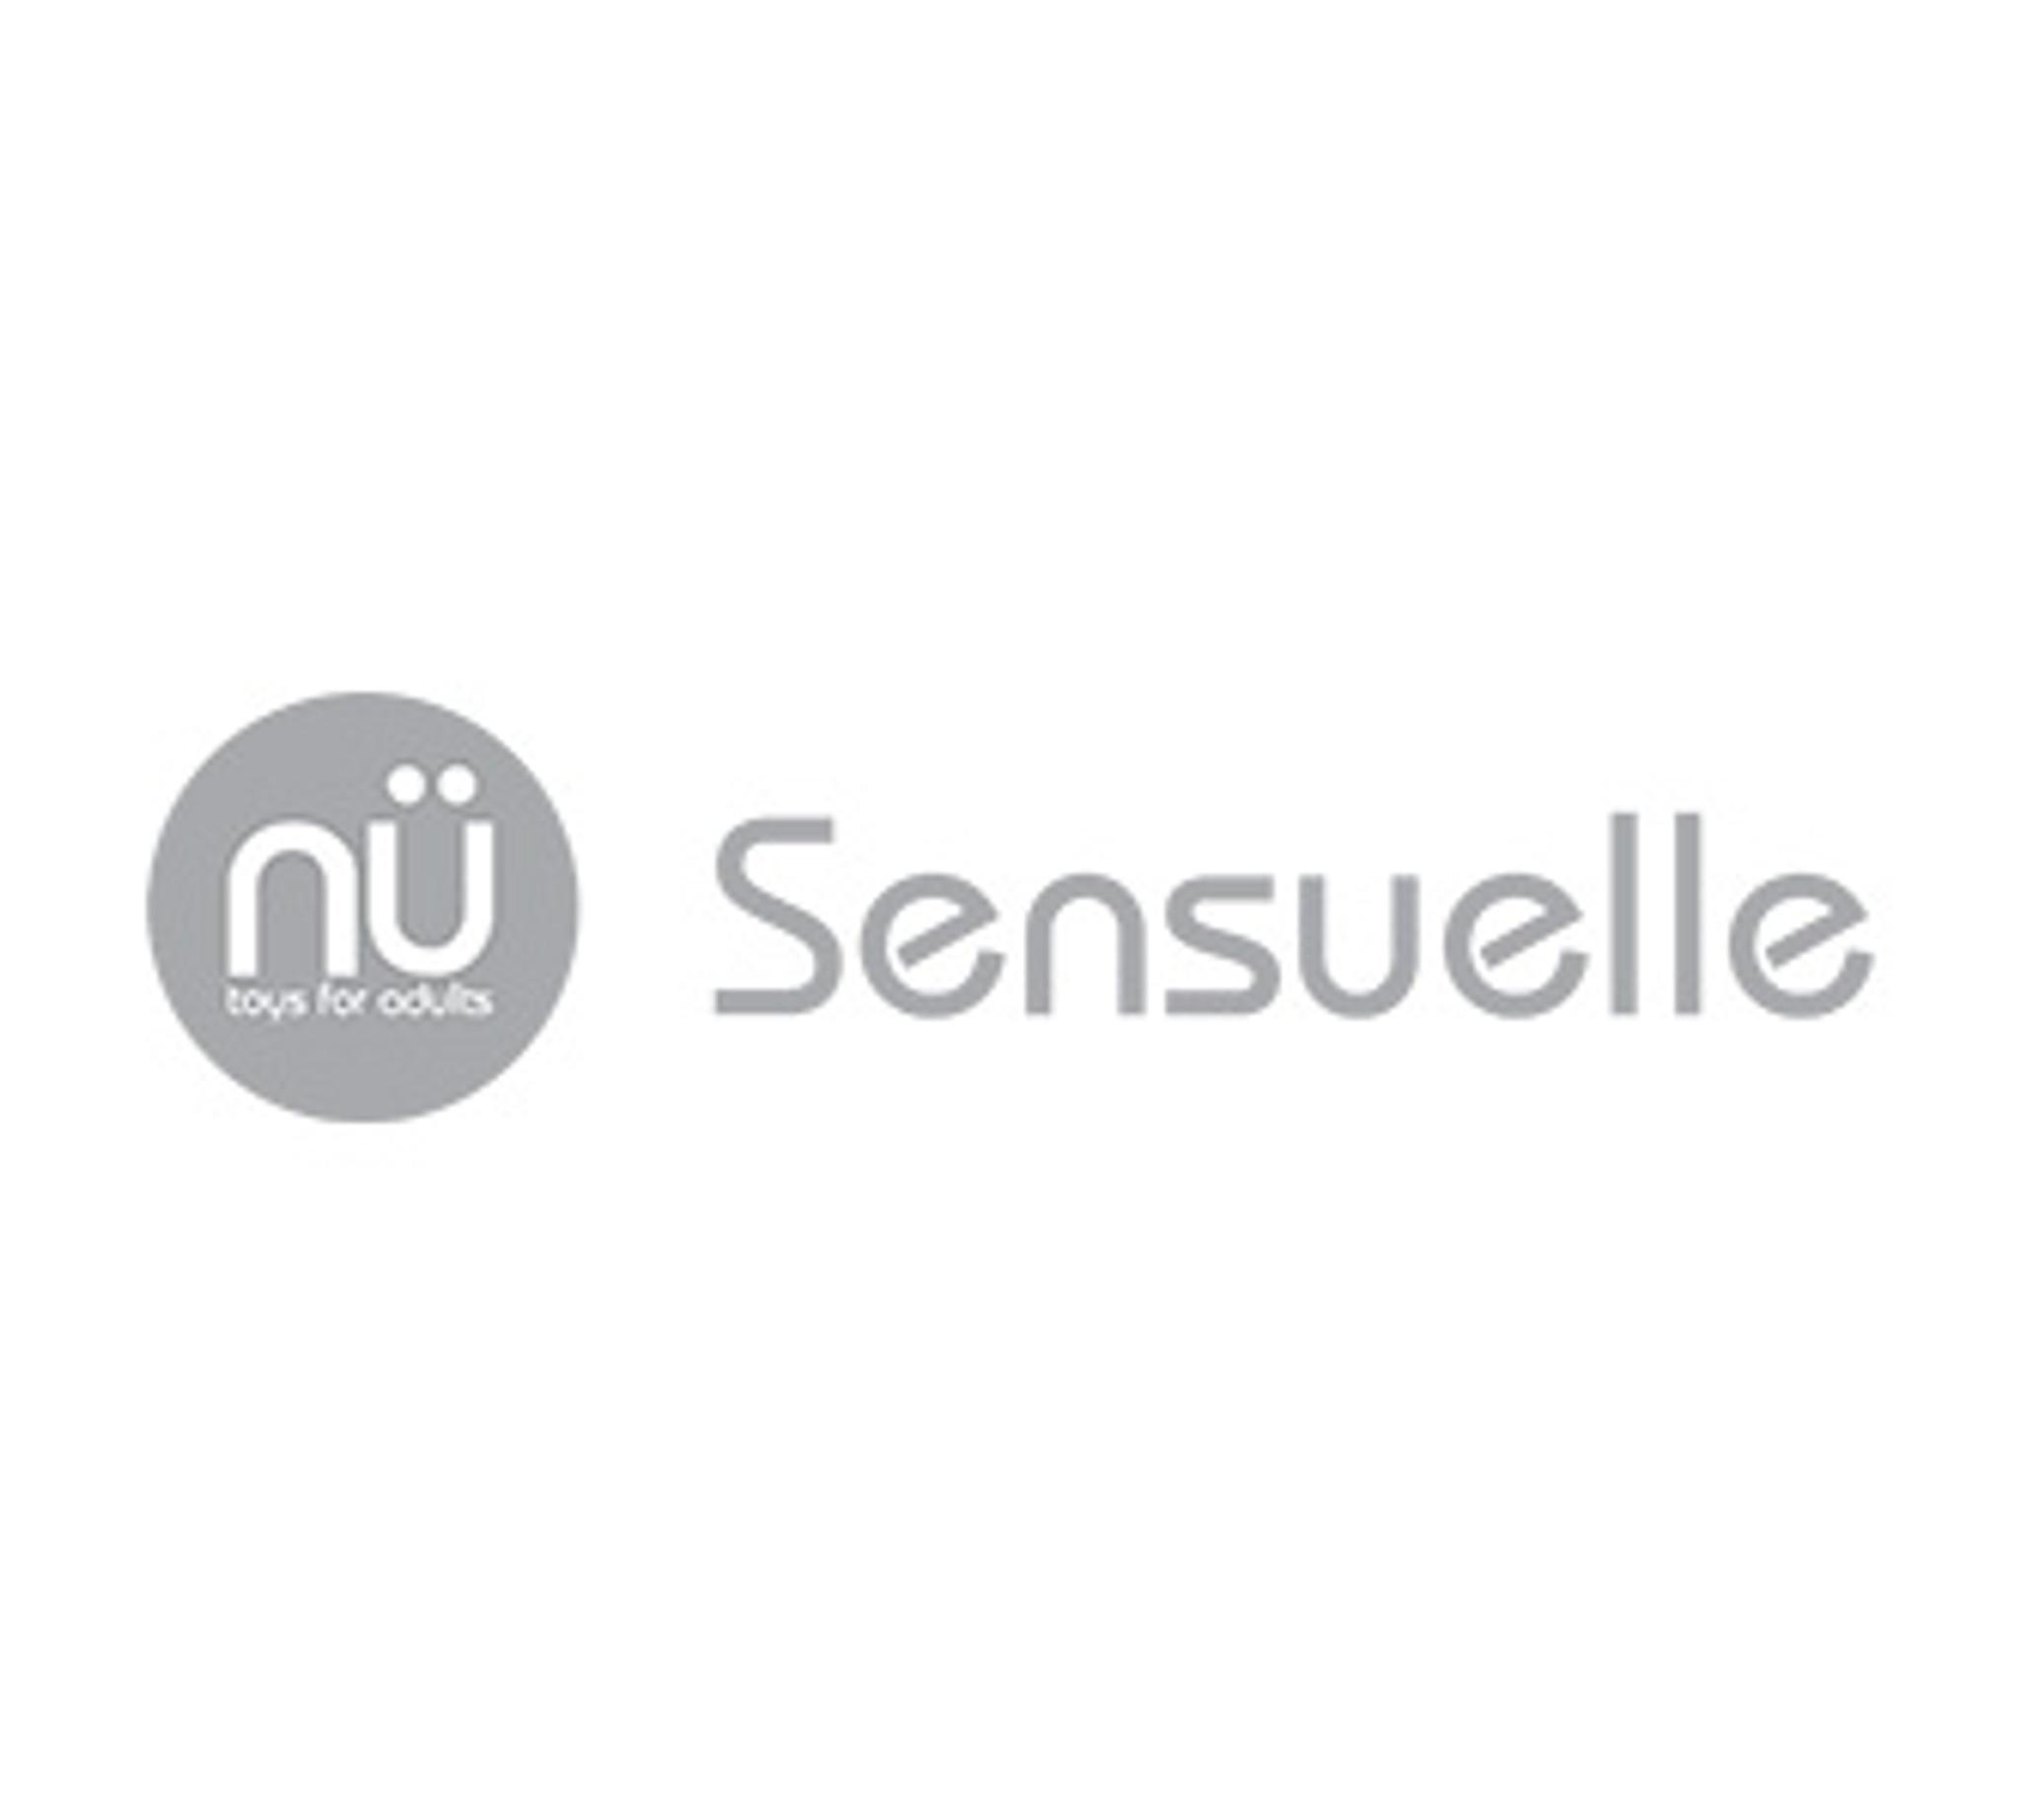 NU Sensuelle